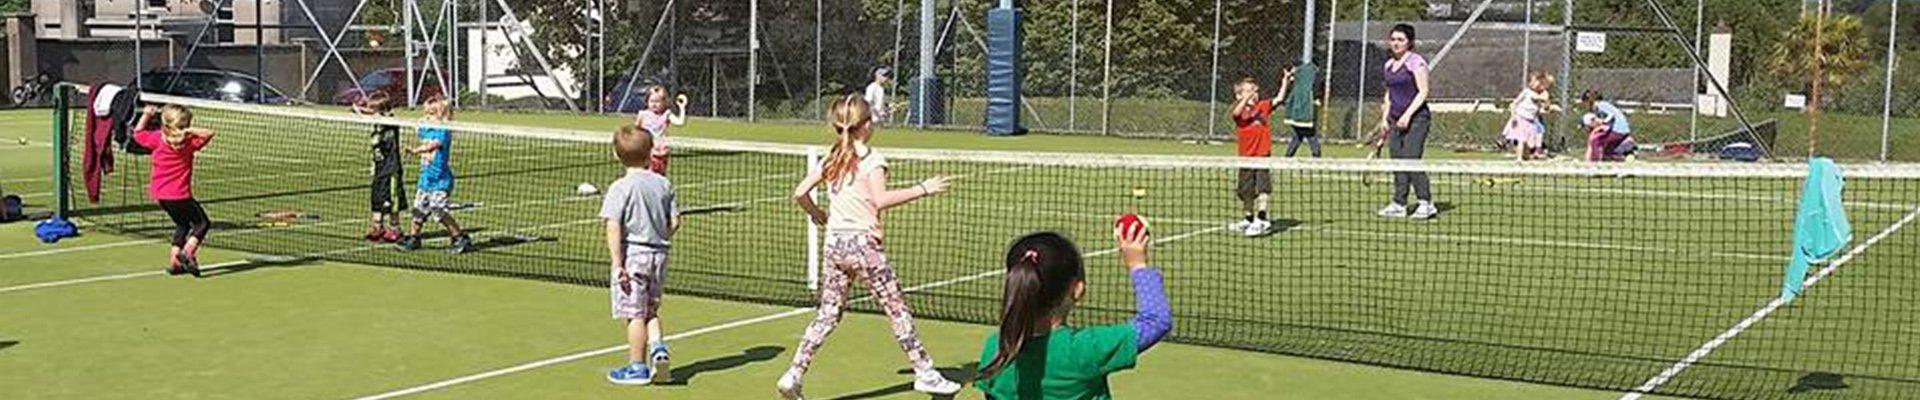 tenniskillenhome7.1